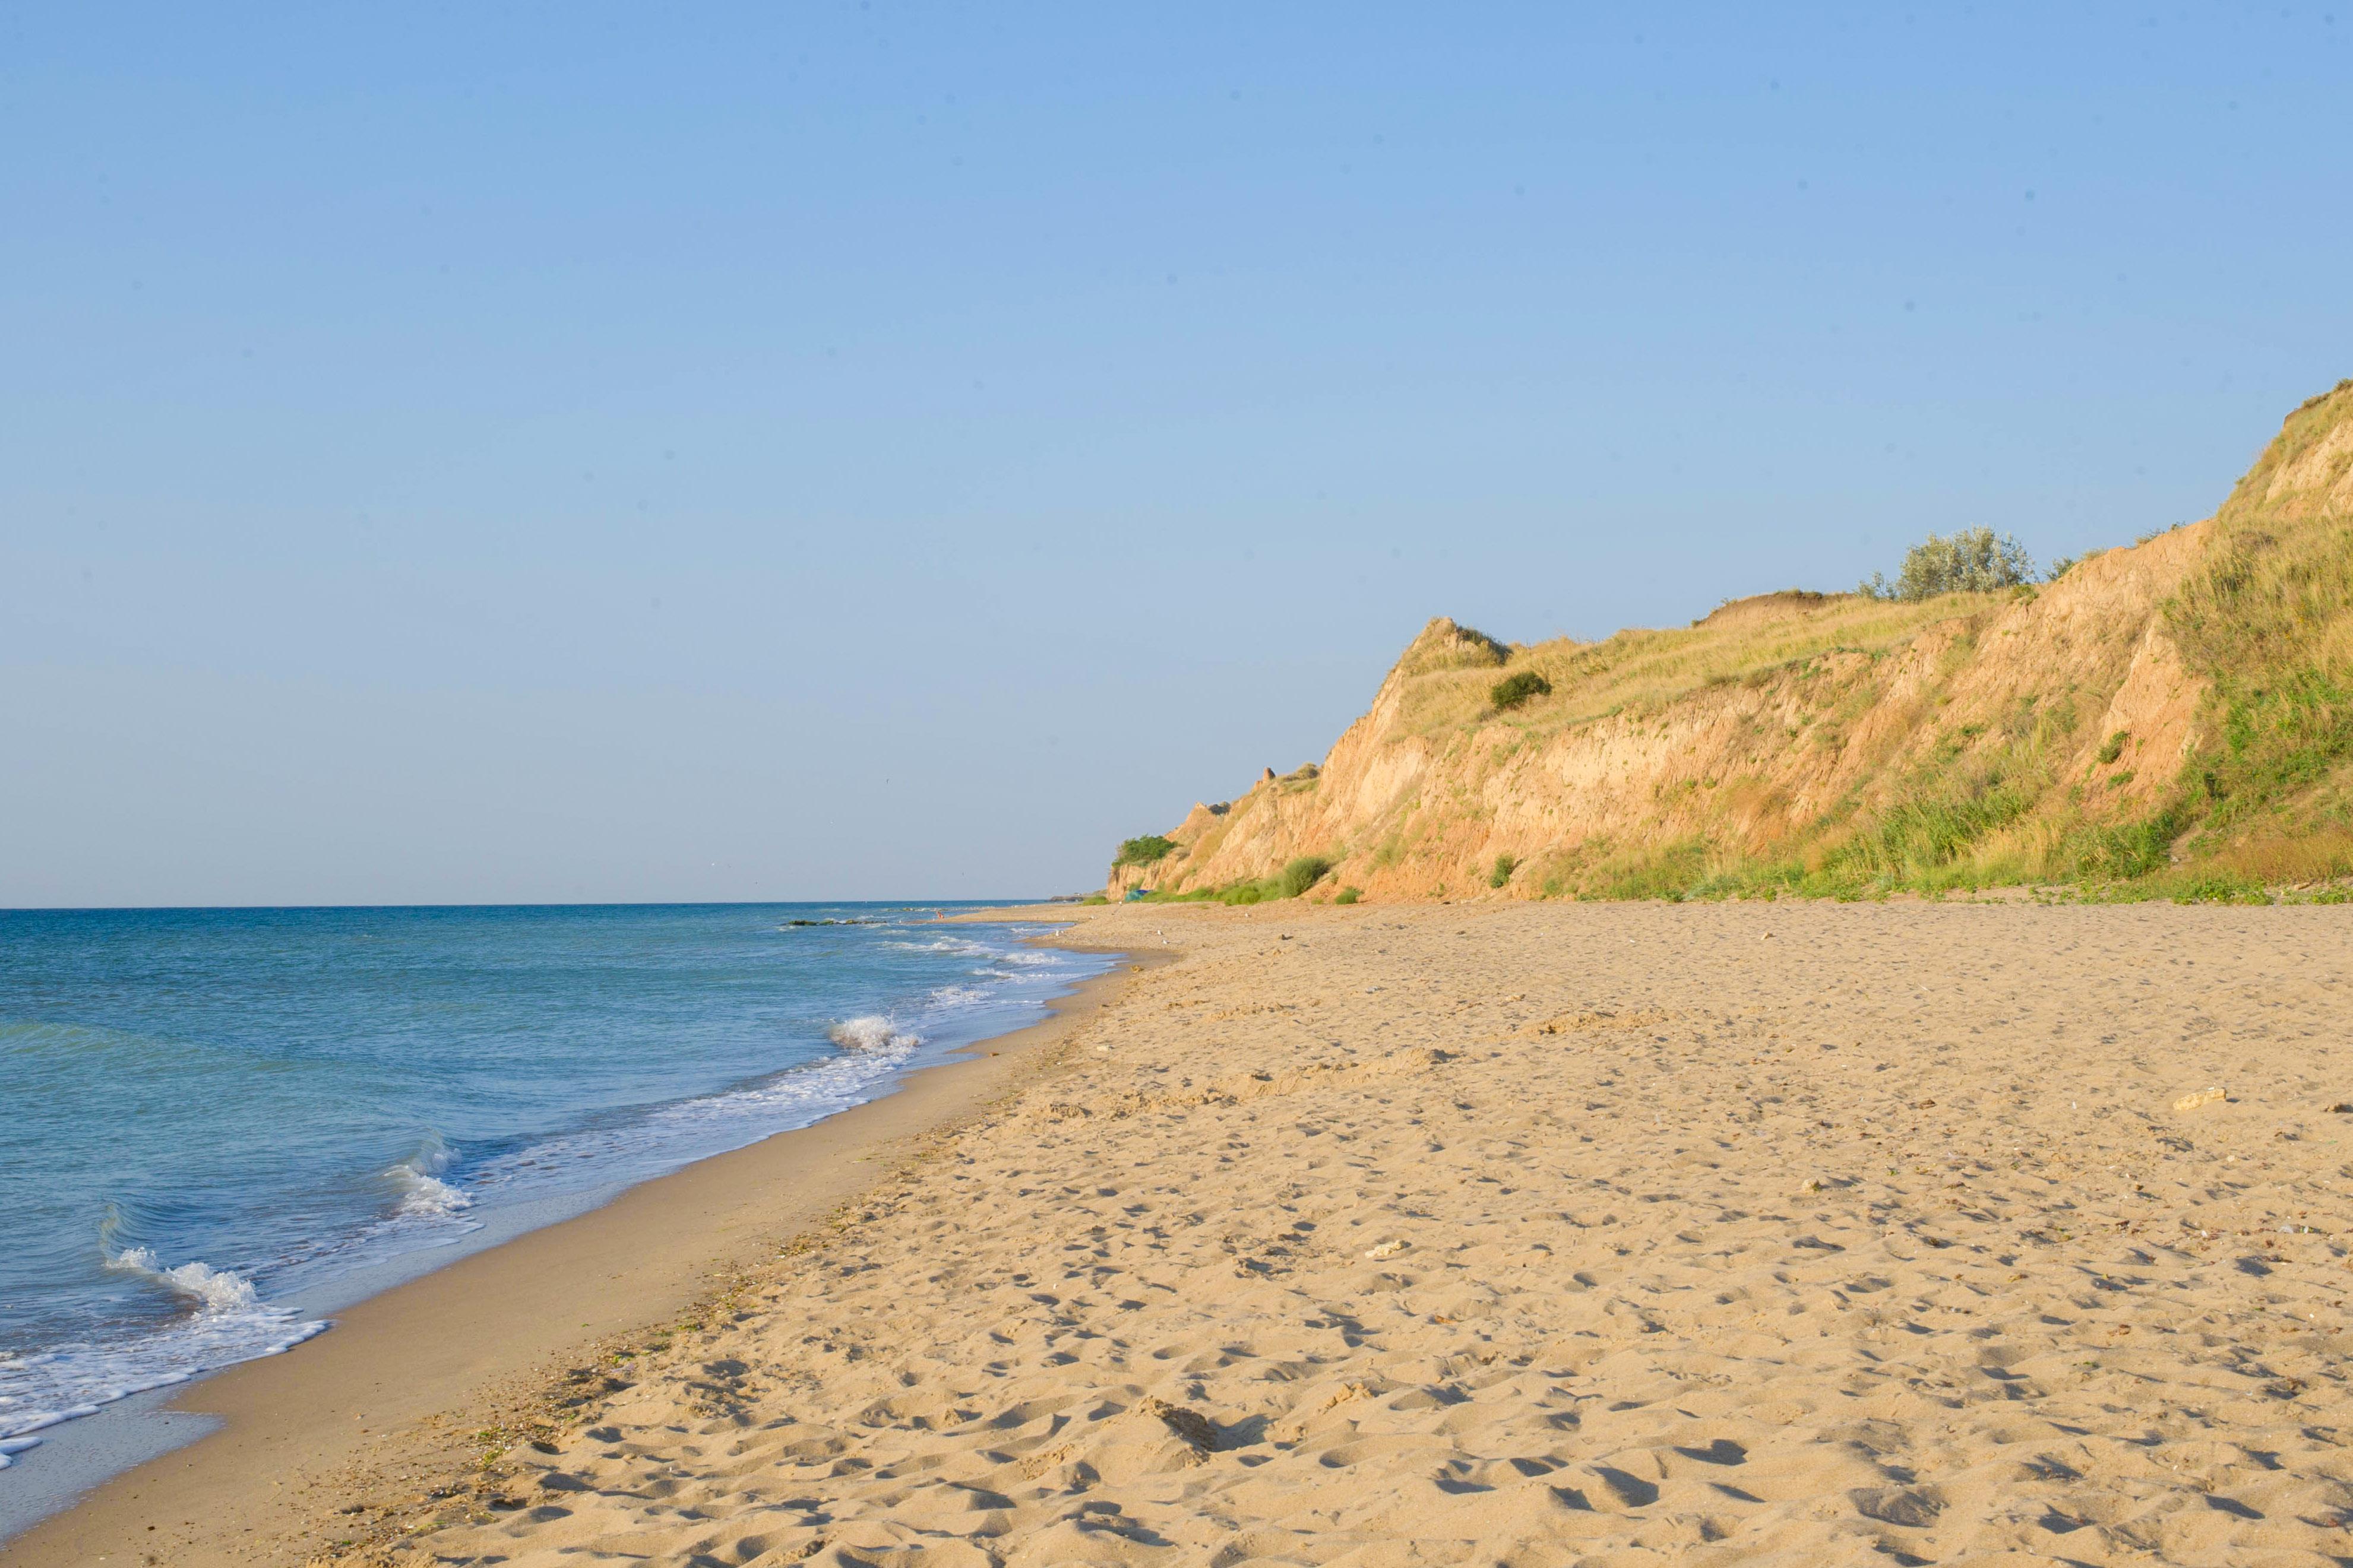 лучший пляж черноморского побережья одесской области Эко-дача Черноморск